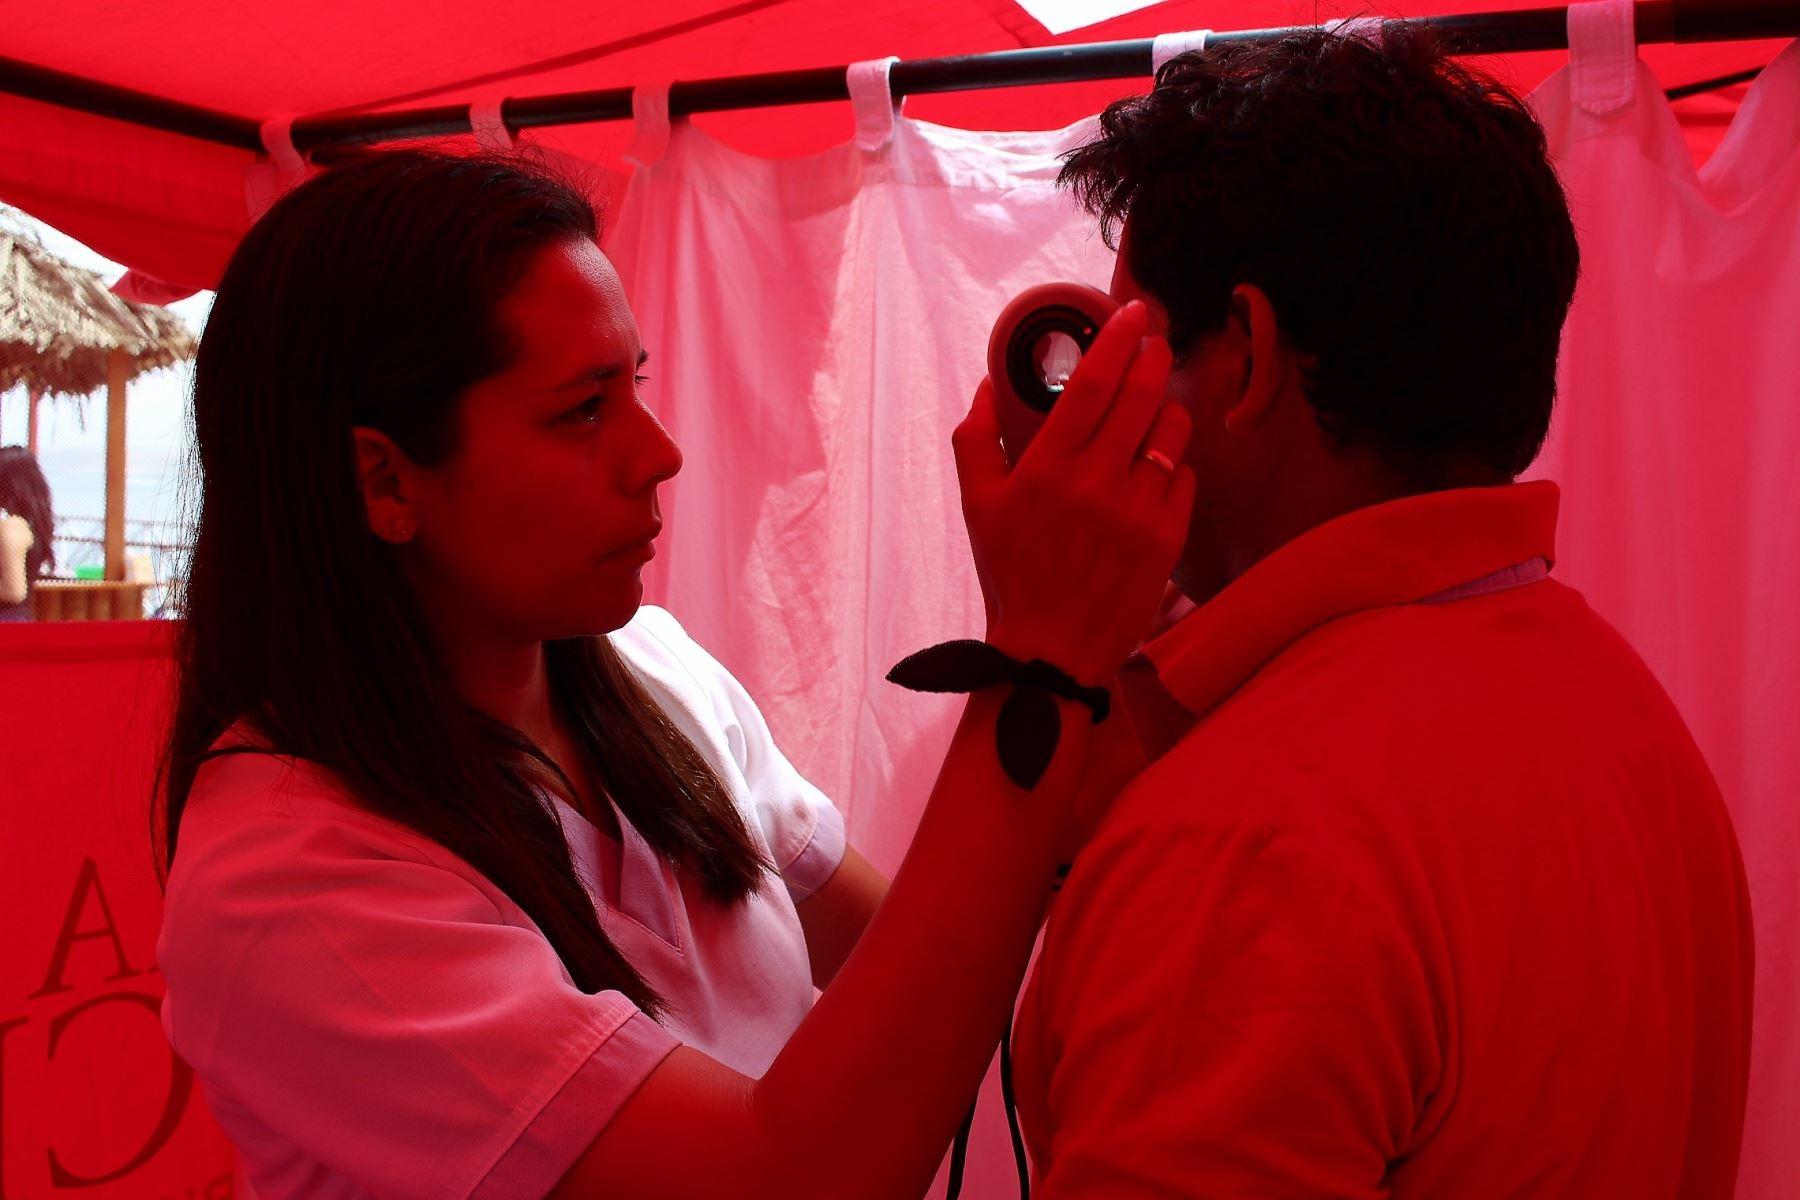 Más de 250 casos de cáncer de piel se reportan al año en Lambayeque. ANDINA/Archivo